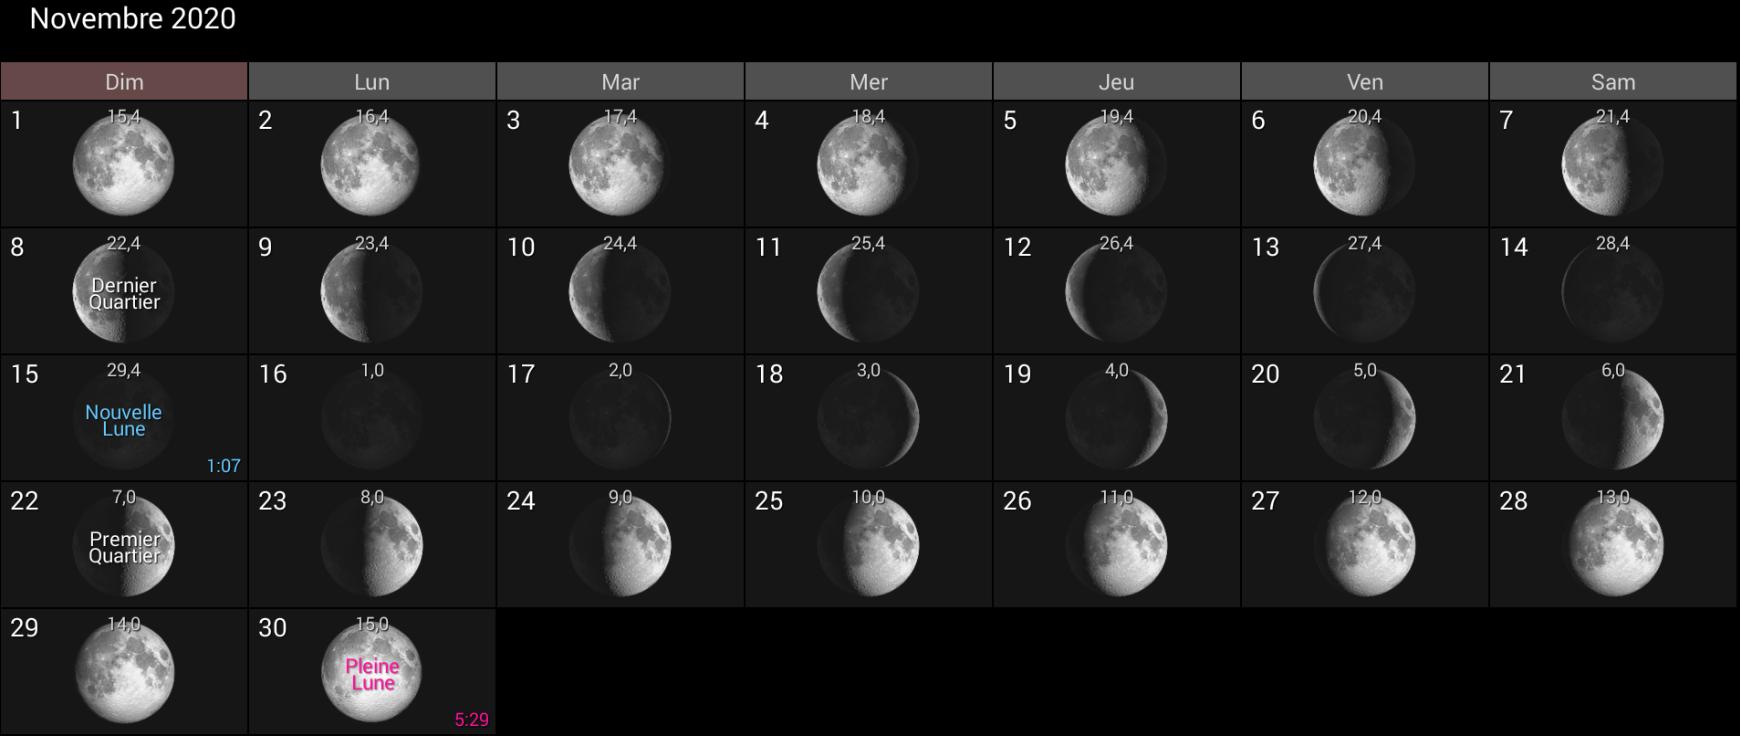 Les phases de la Lune pour le mois de novembre 2020